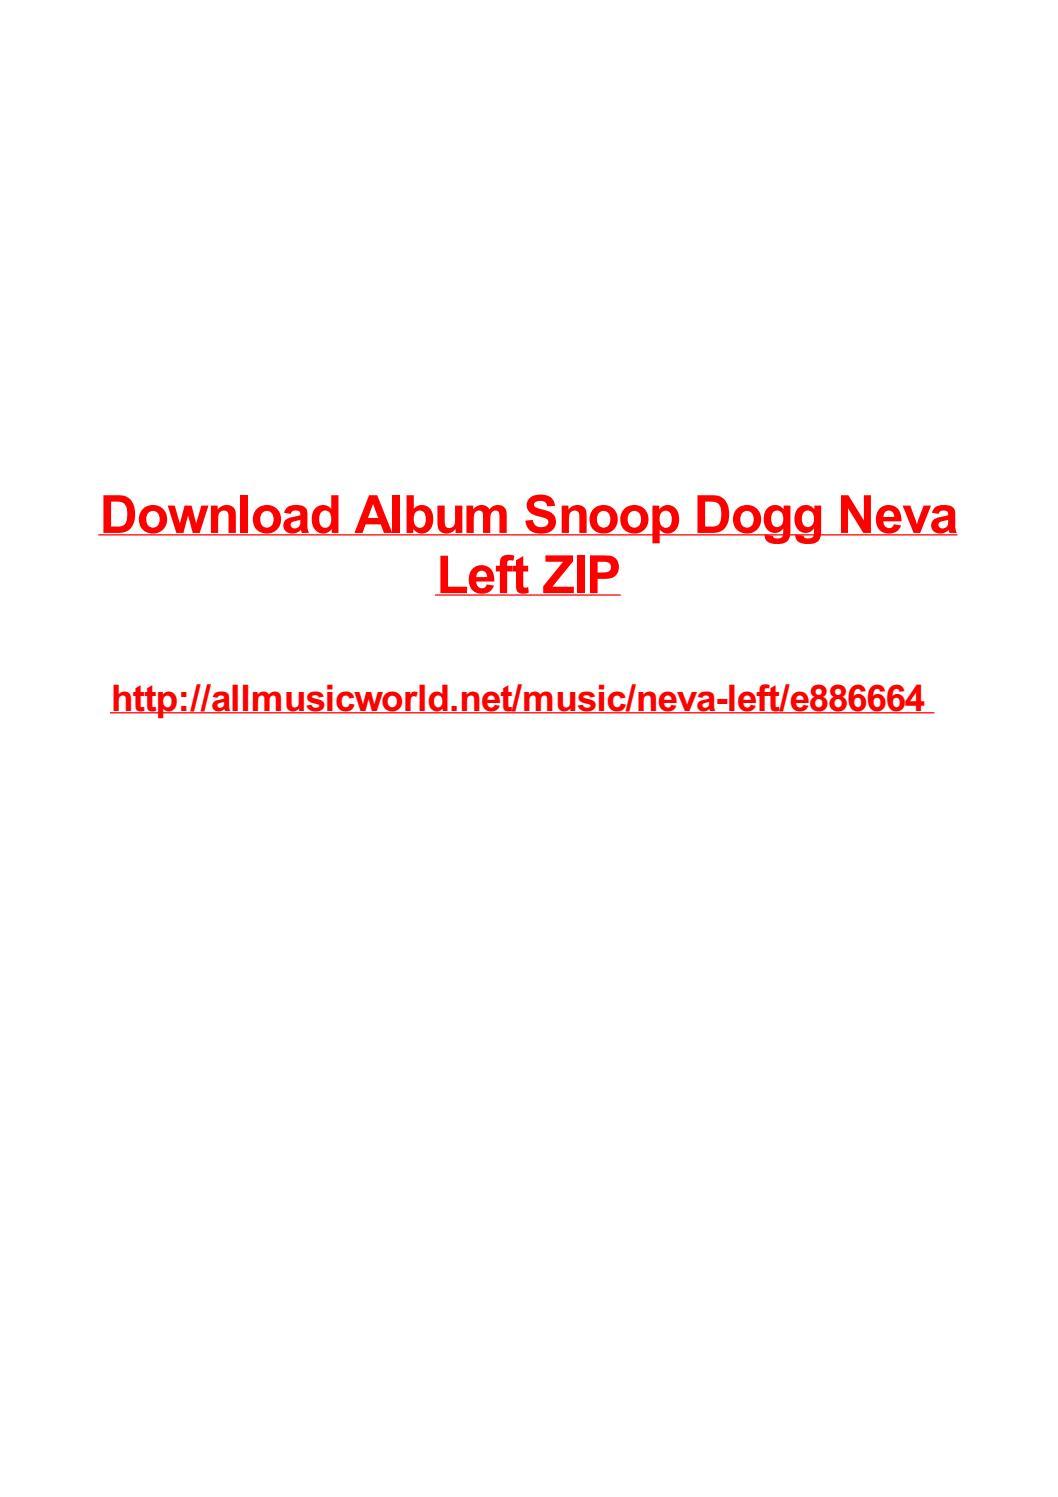 snoop dogg discography download zip